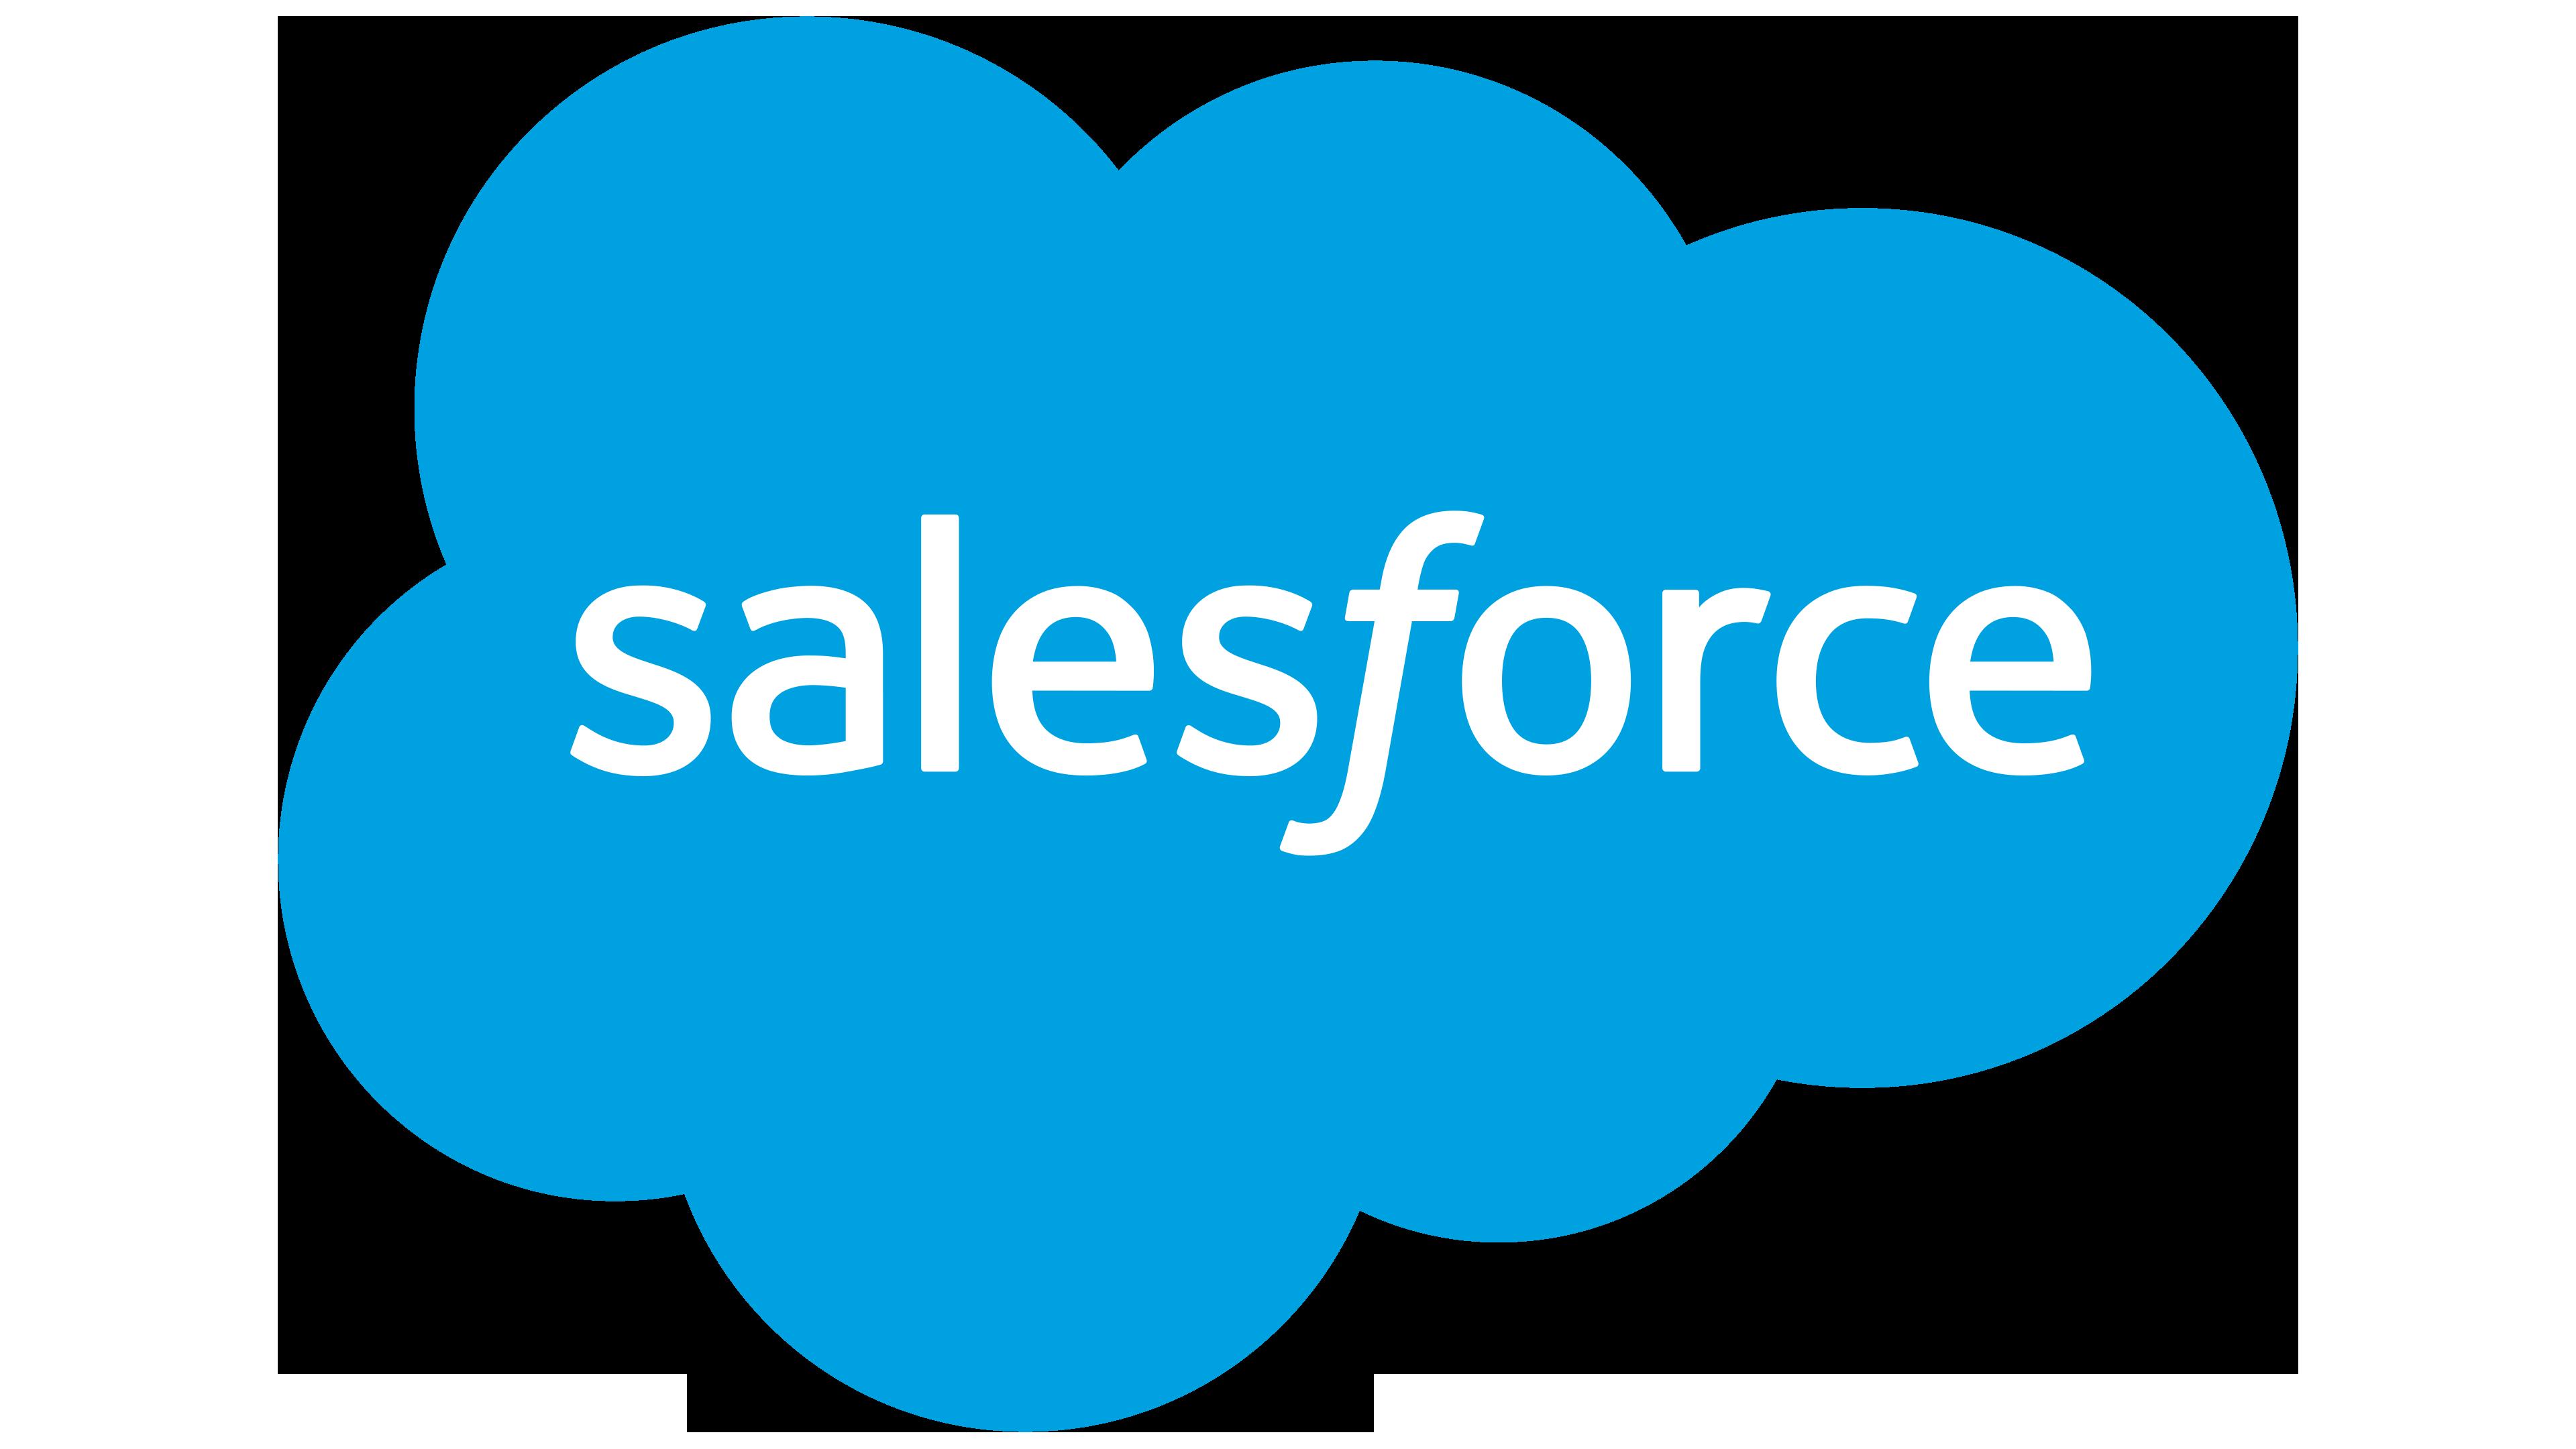 """Logotipo da Salesforce. Trata-se de uma nuvem em azul com a palavra """"Salesforce"""" dentro dessa nuvem."""